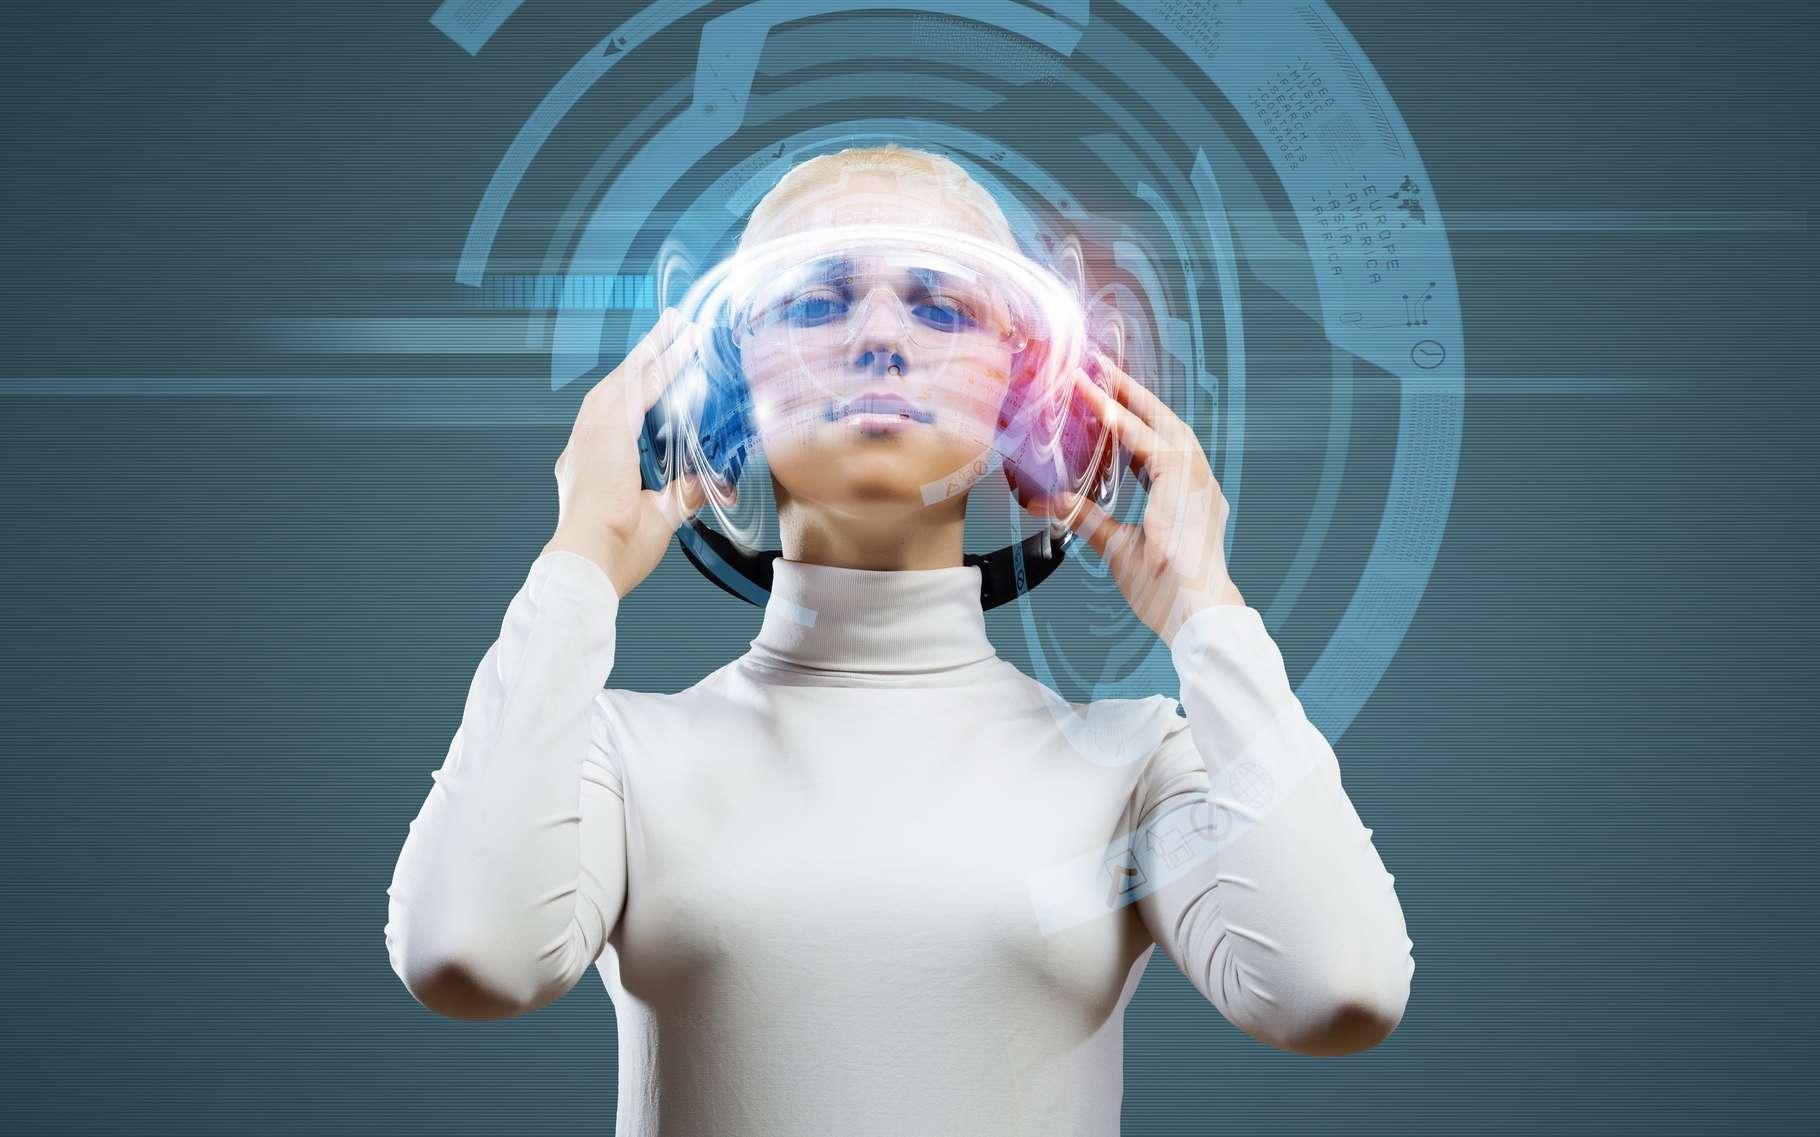 Les progrès de l'intelligence artificielle et des méthodes d'apprentissage automatique ont permis l'essor de chatbots de plus en plus performants. © Sergey Nivens, Shutterstock